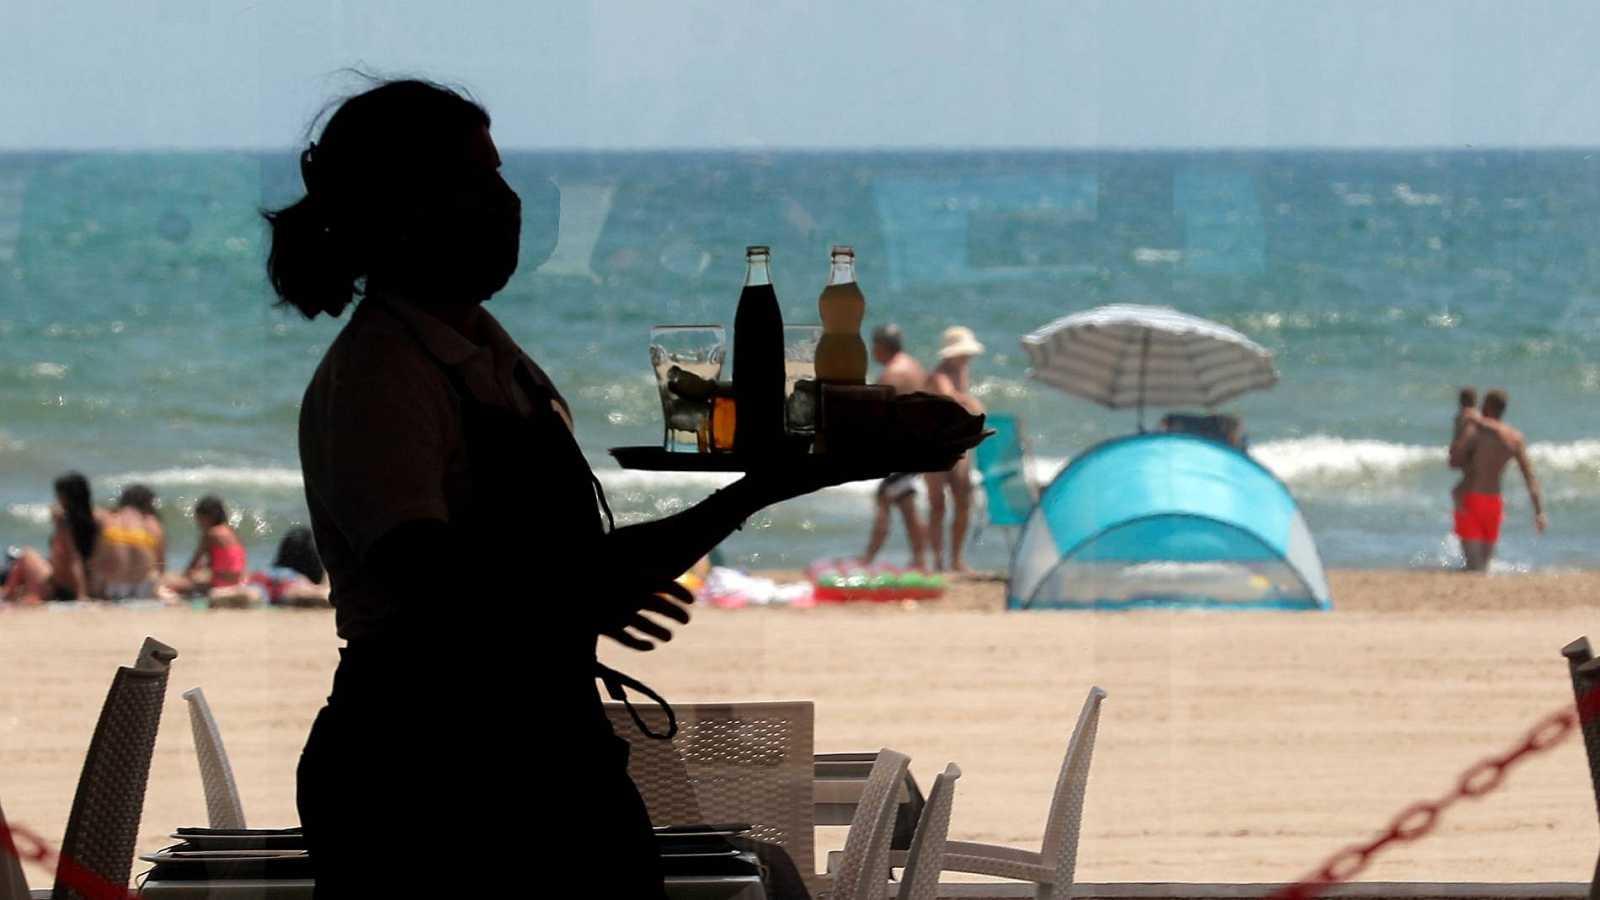 Una camarera lleva una bandeja con bebidas en un restaurante de la playa de la Malvarrosa, en Valencia